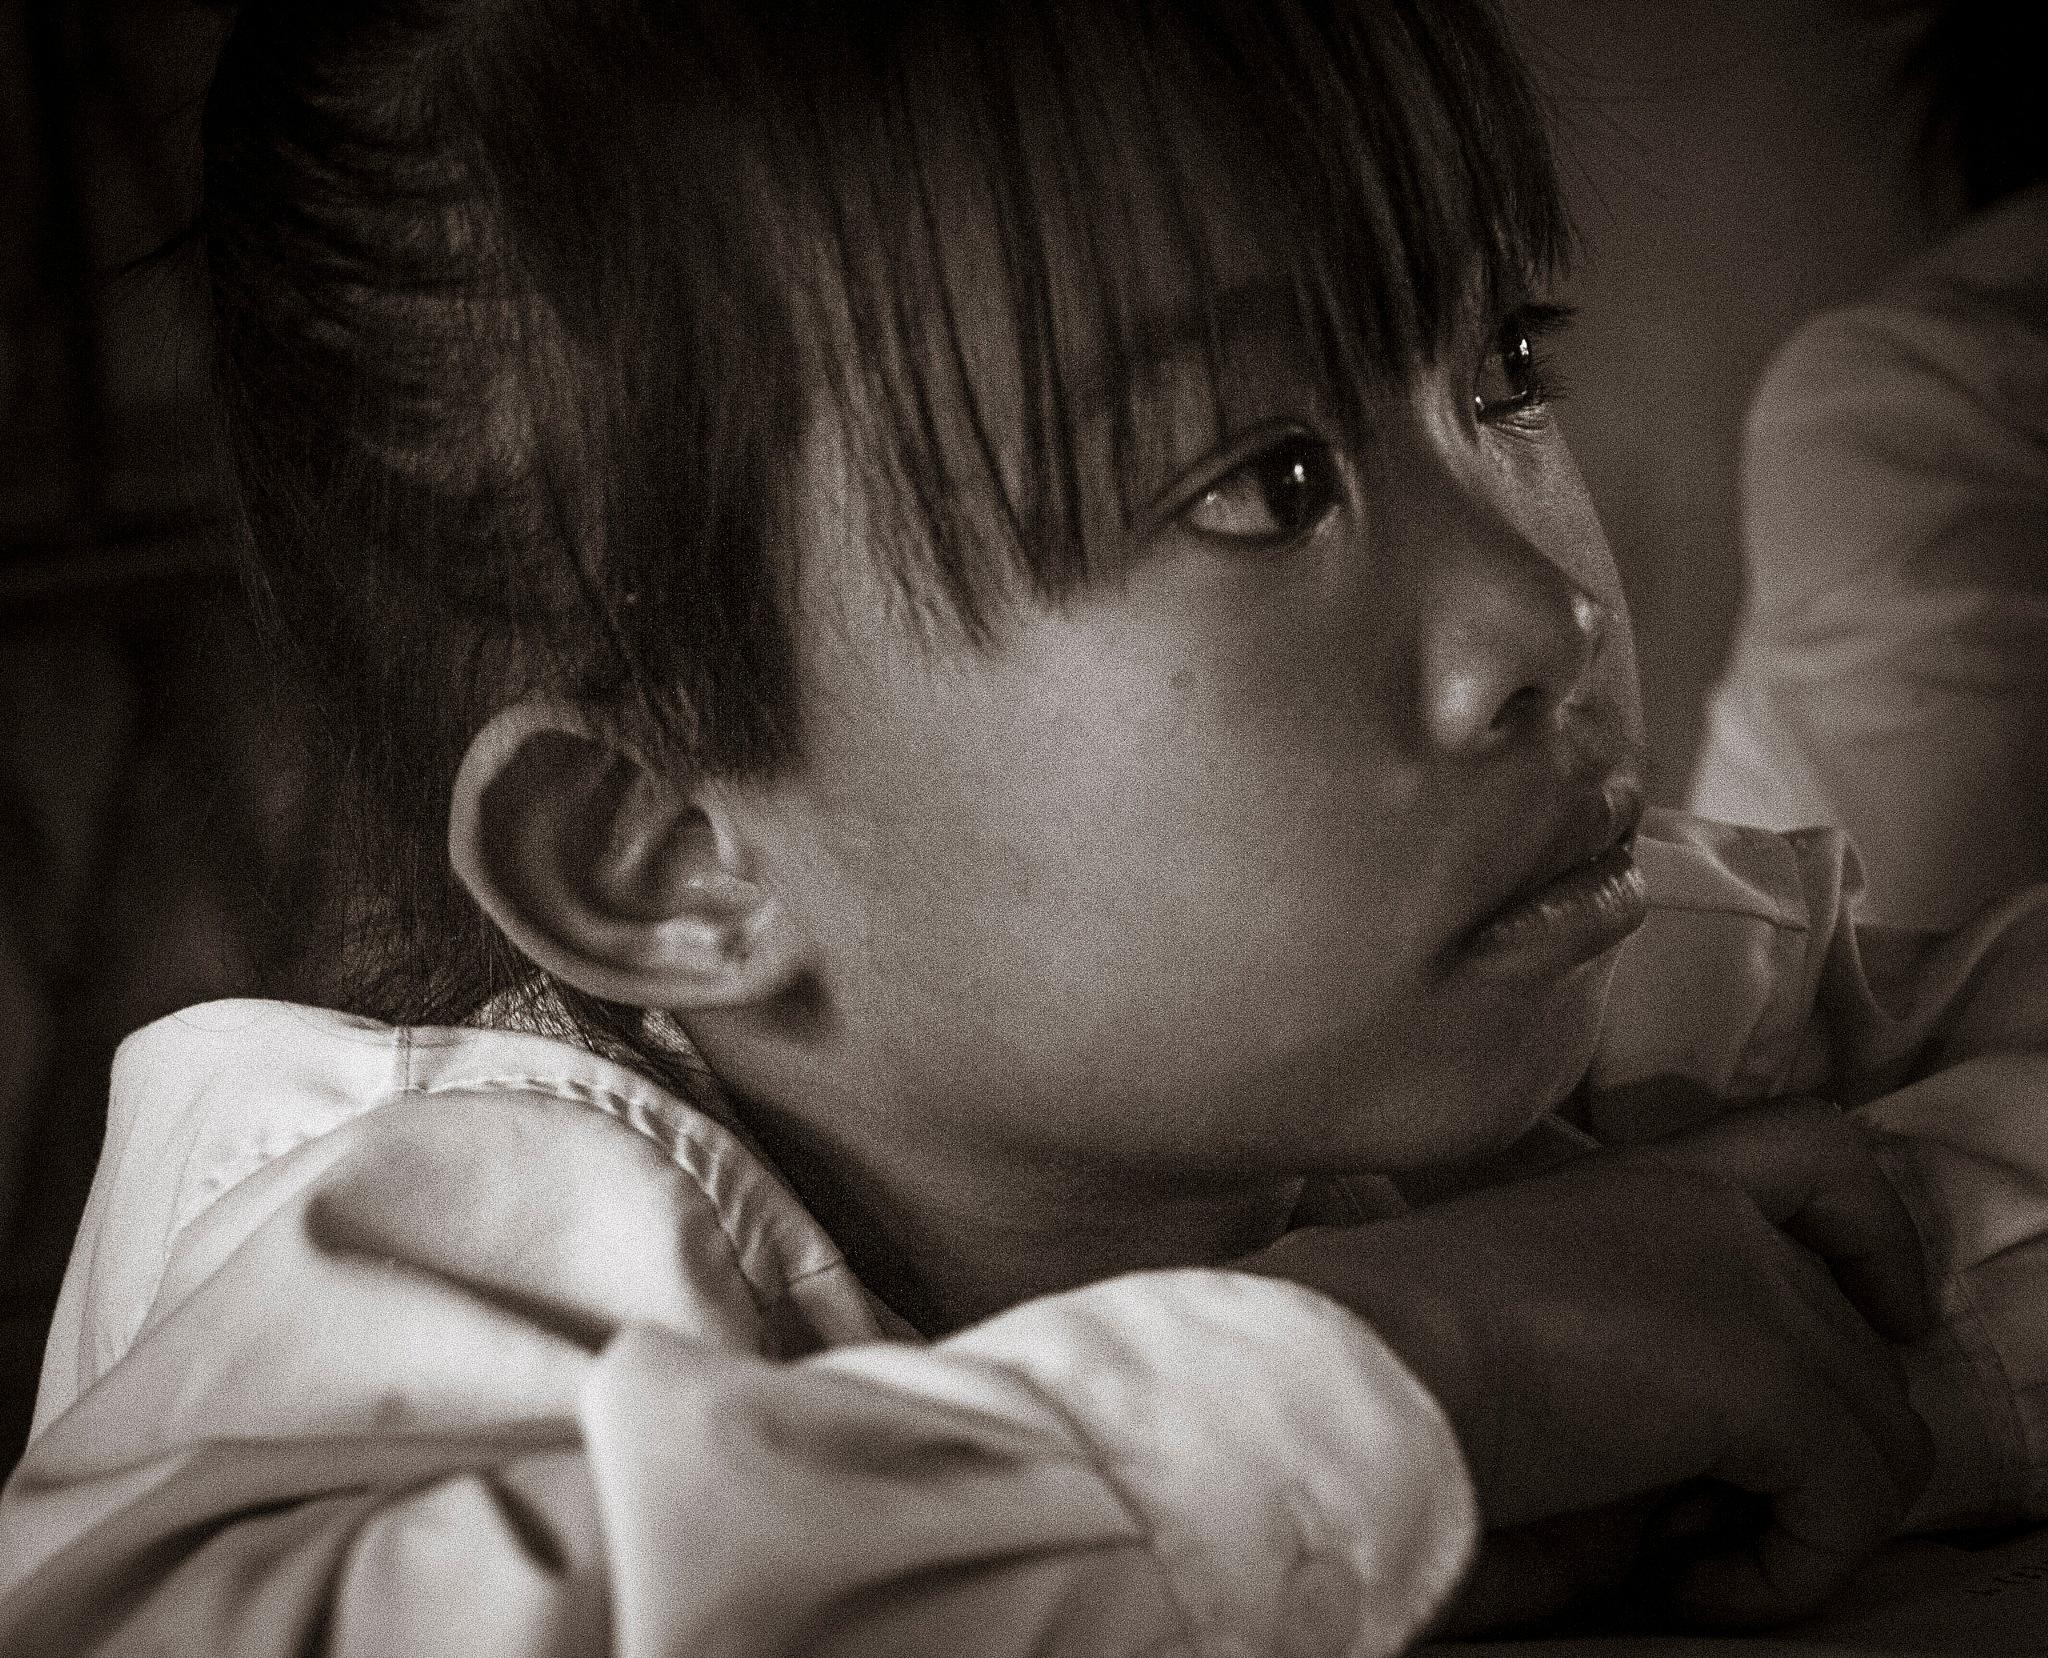 カンボジアの肖像20180105A by wwfax photography